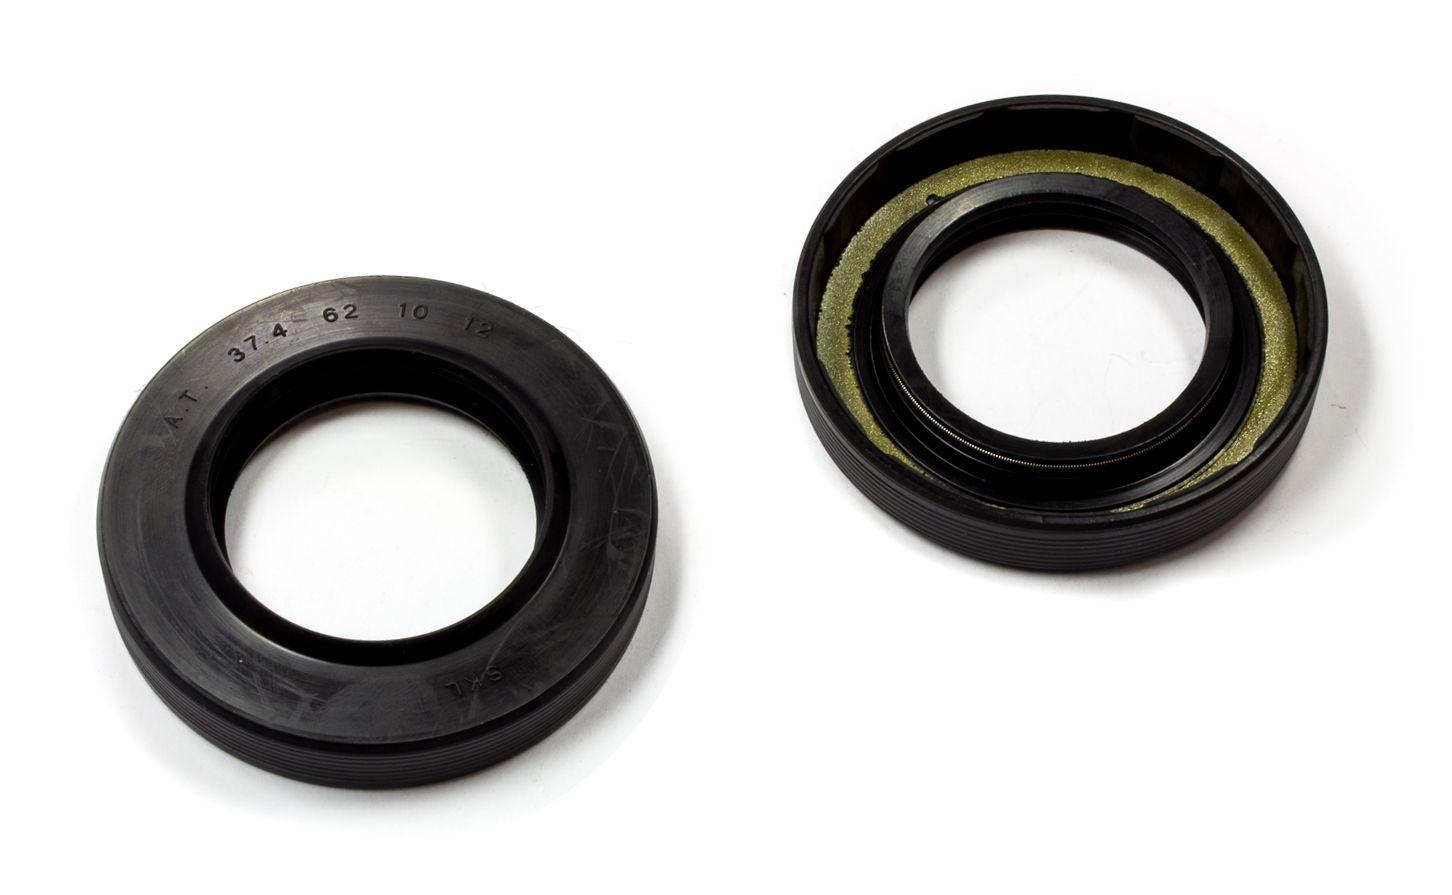 Gufero, hřídelové těsnění, 37,4 x 62 x 10/12, praček Bosch Siemens - 00619808 Ostatní